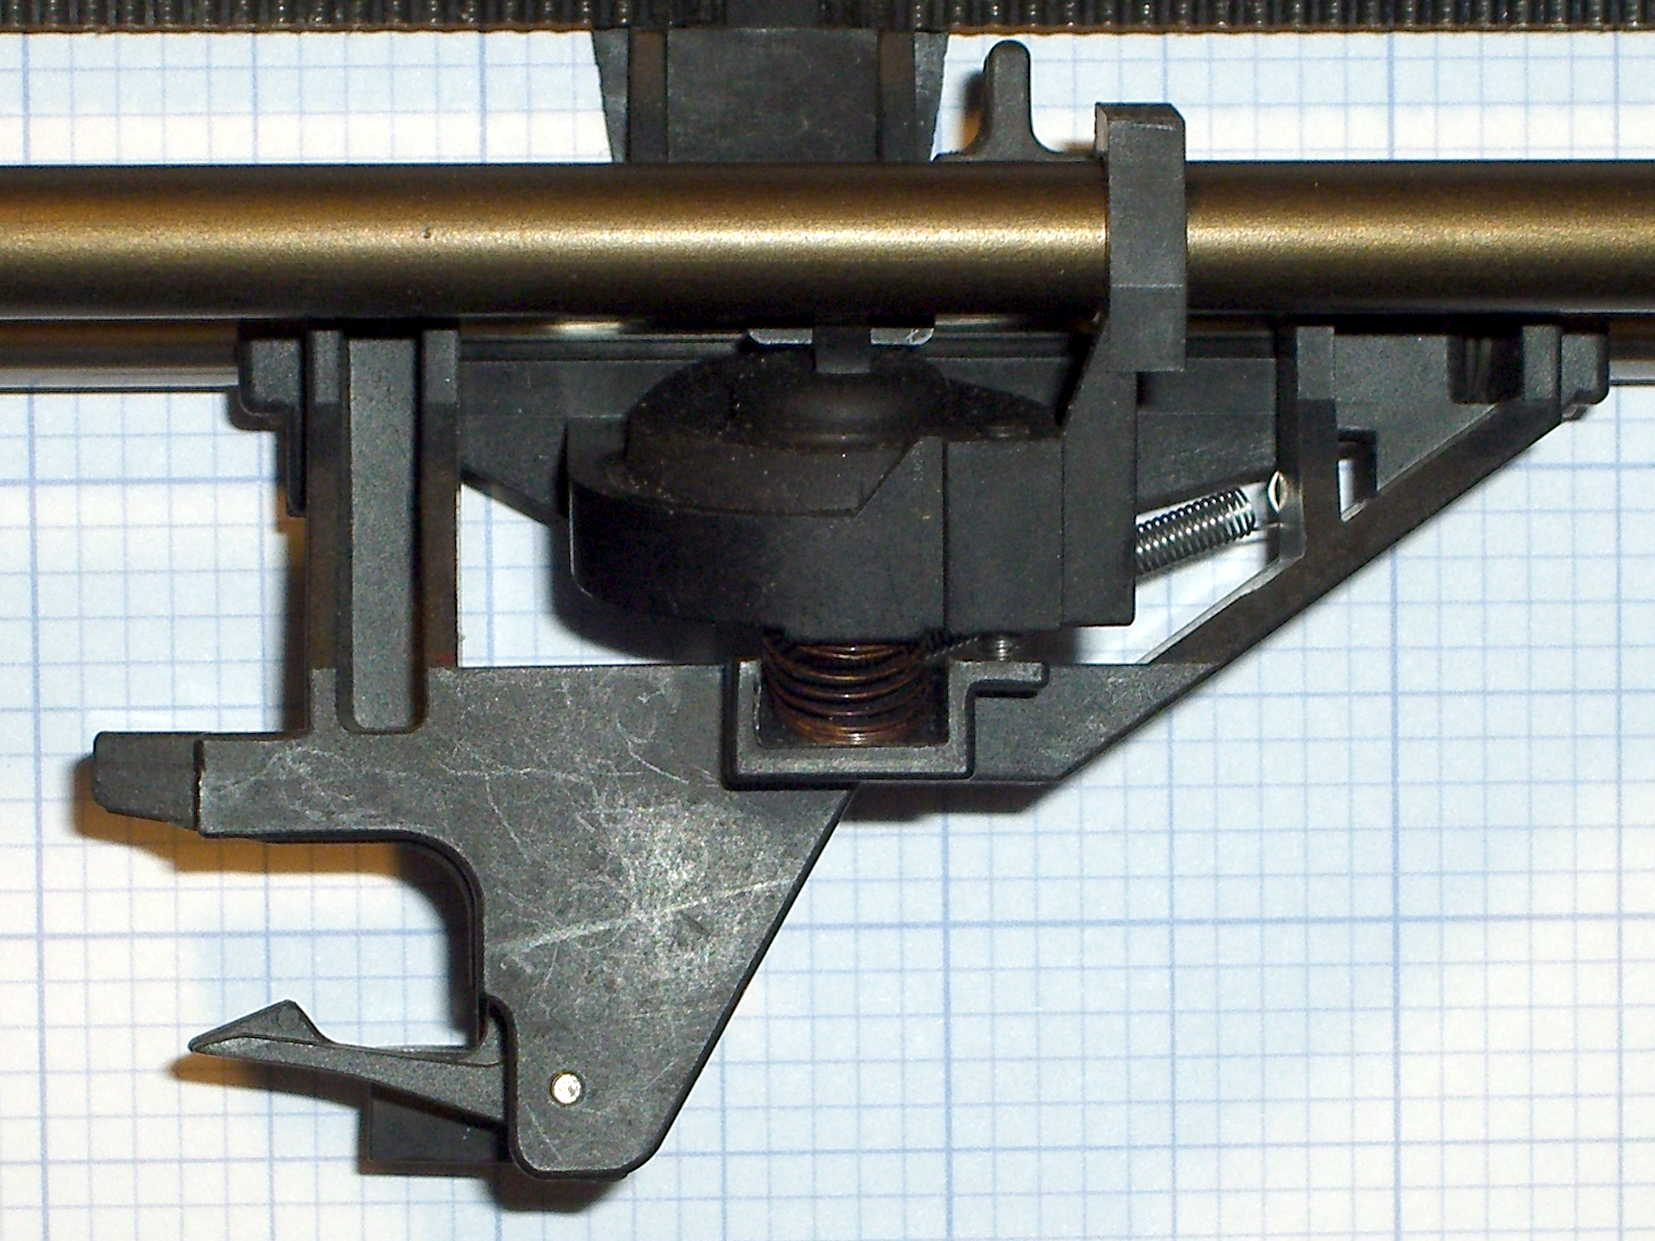 HP 7475A Plotter: Pen Holder Height Map Cap | The Smell of Molten